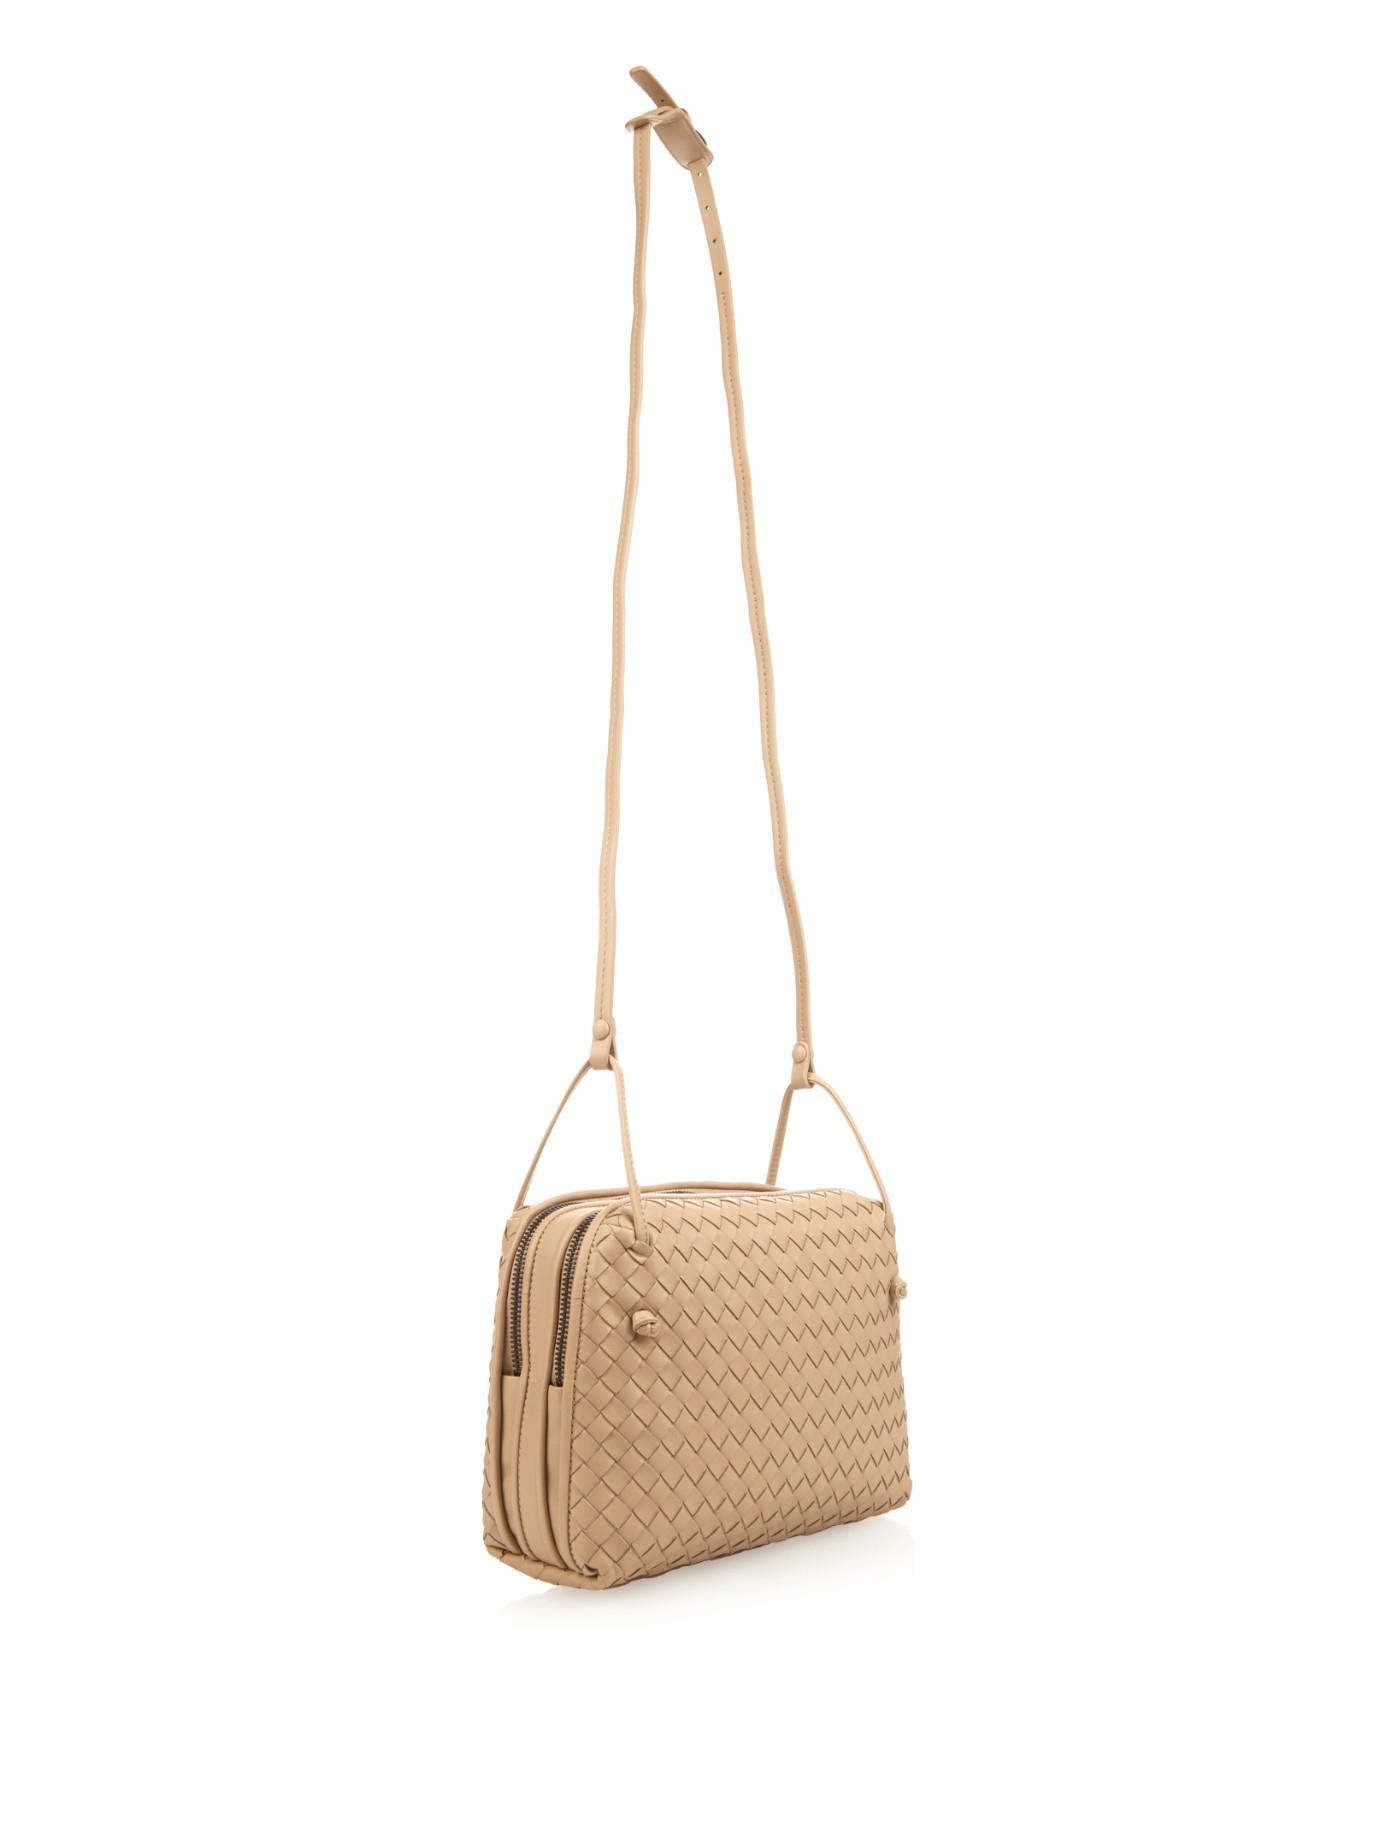 39214fc5072c Bottega Veneta Intrecciato Leather Two-compartment Cross-body Bag in ...